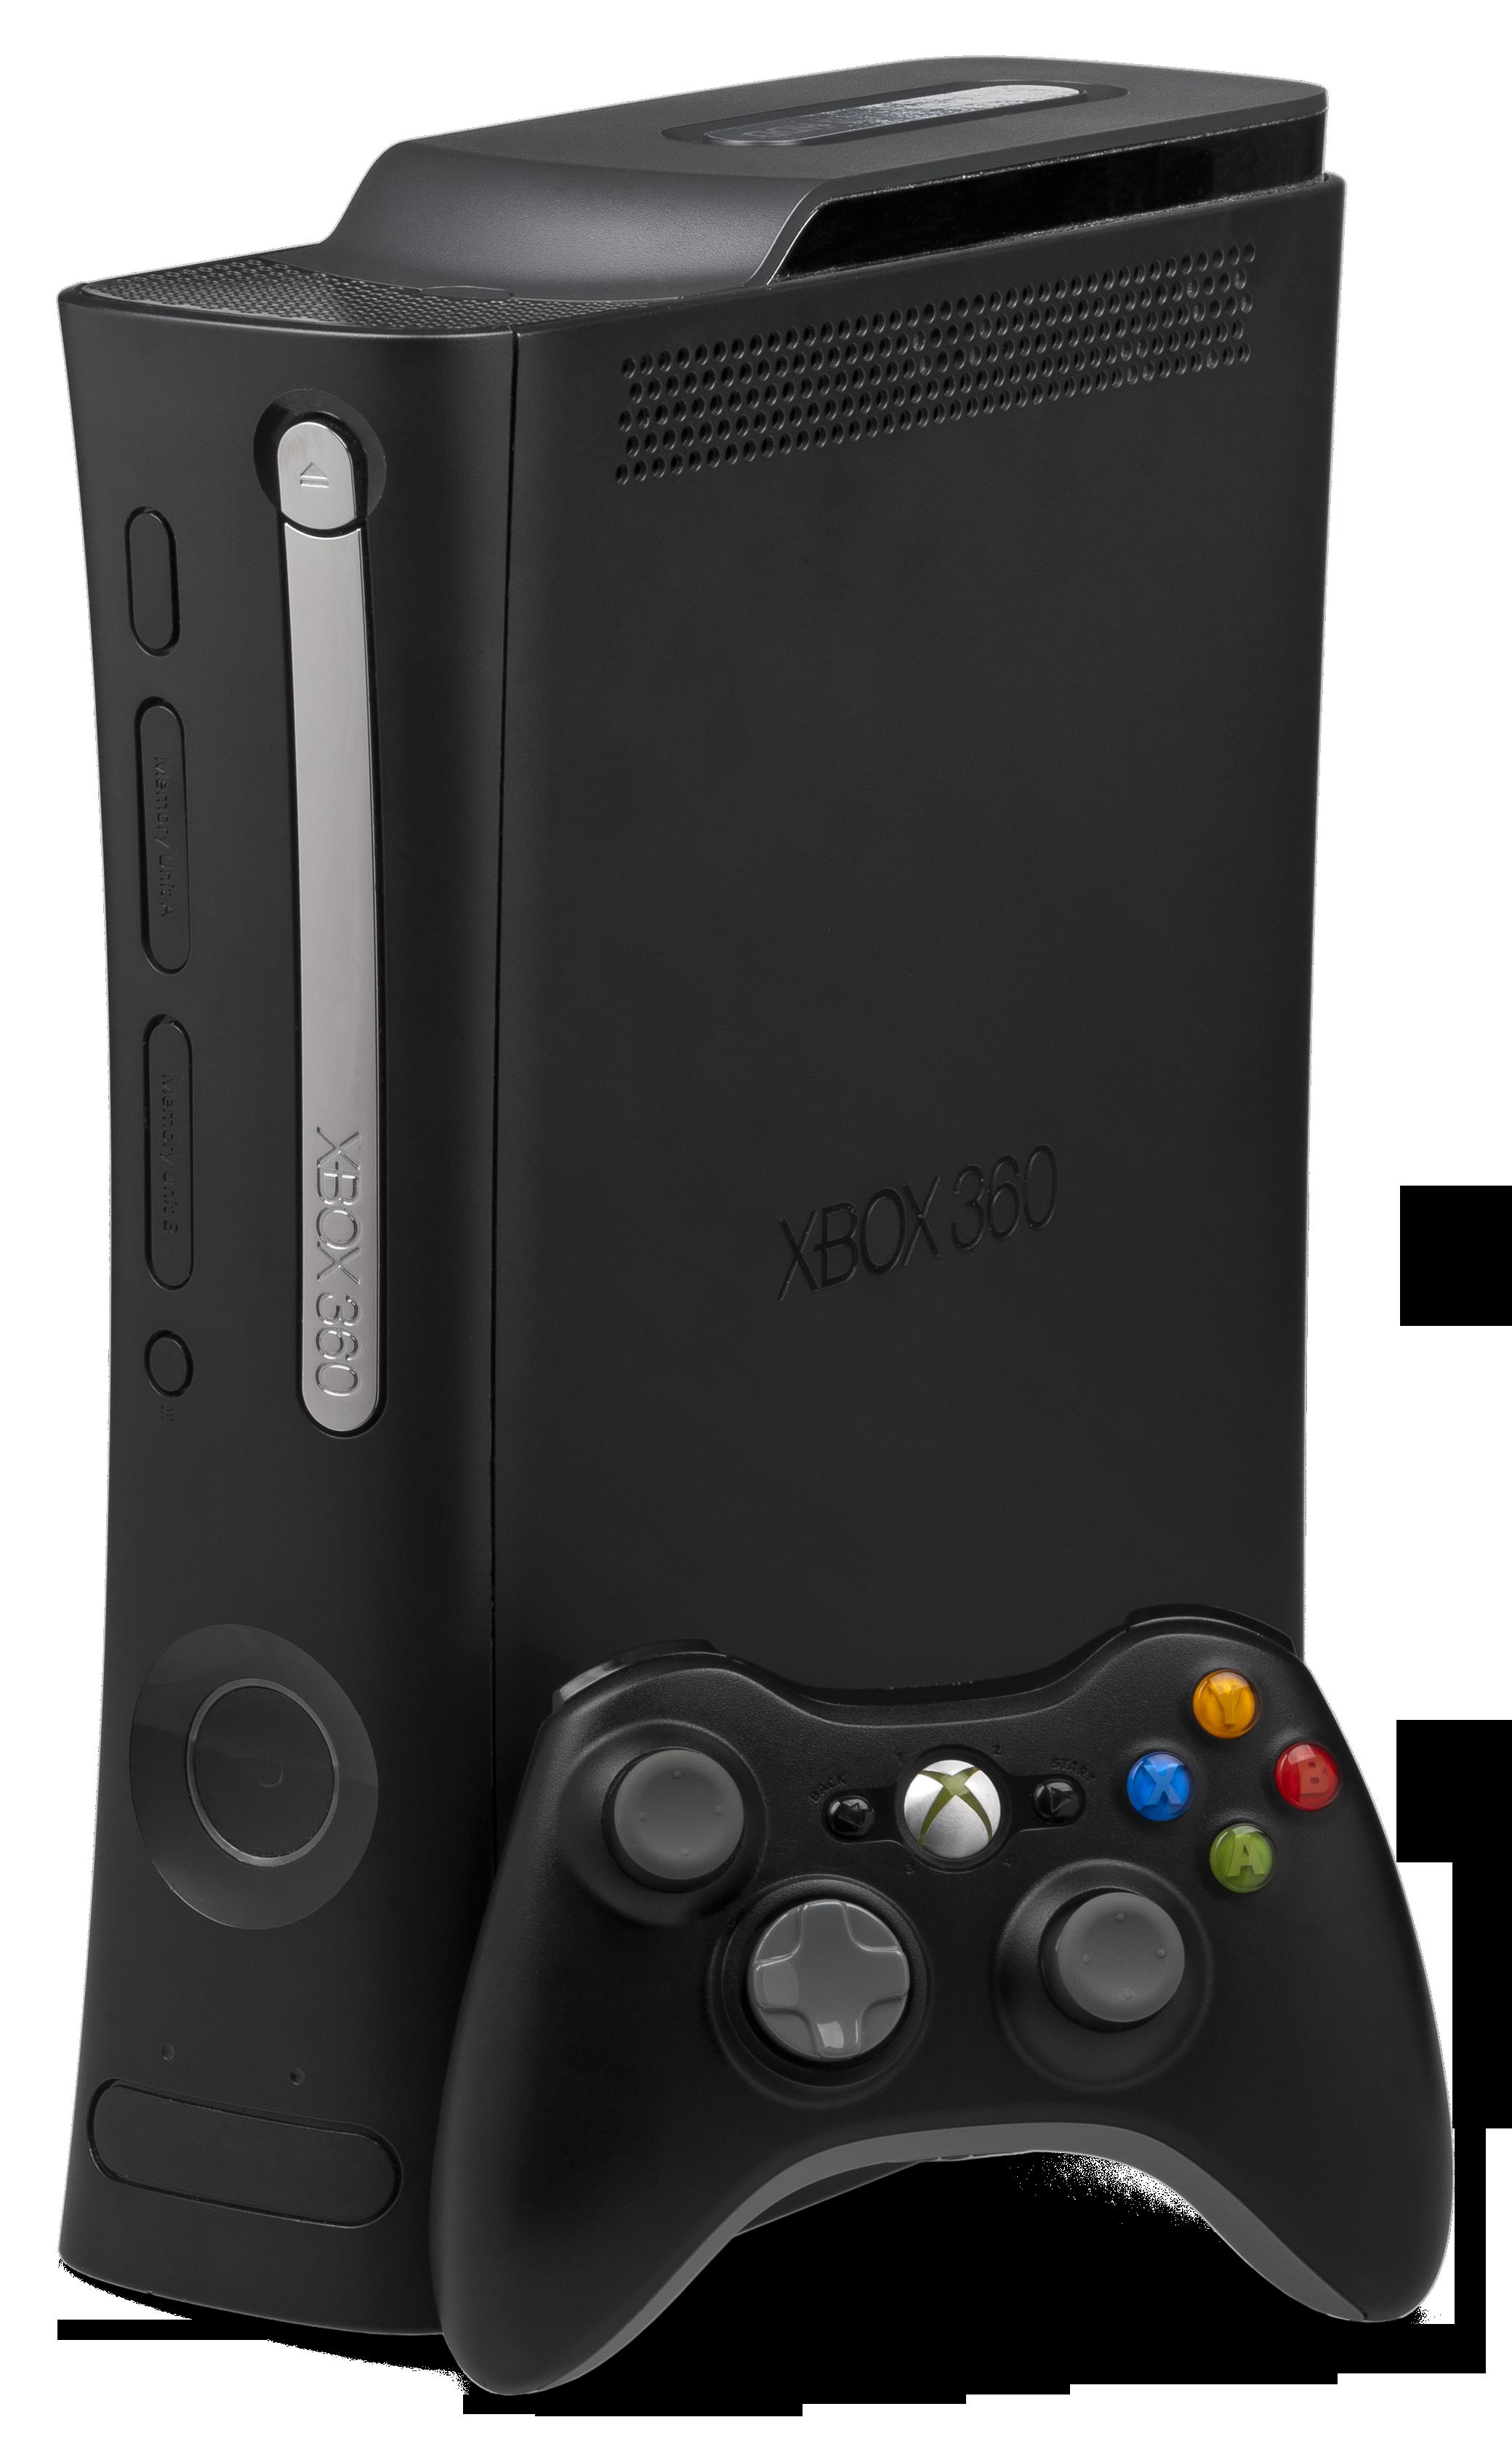 Wii xbox kinect comparison essay